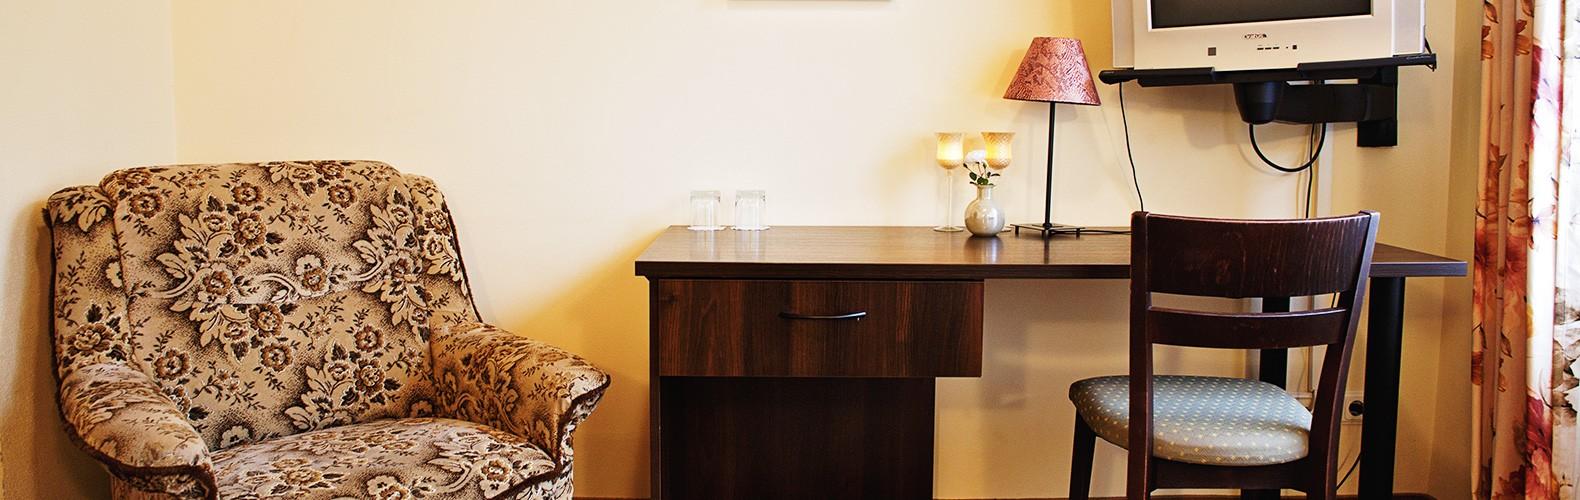 Standartinis dvivietis kambarys | Kernavės bajorynė